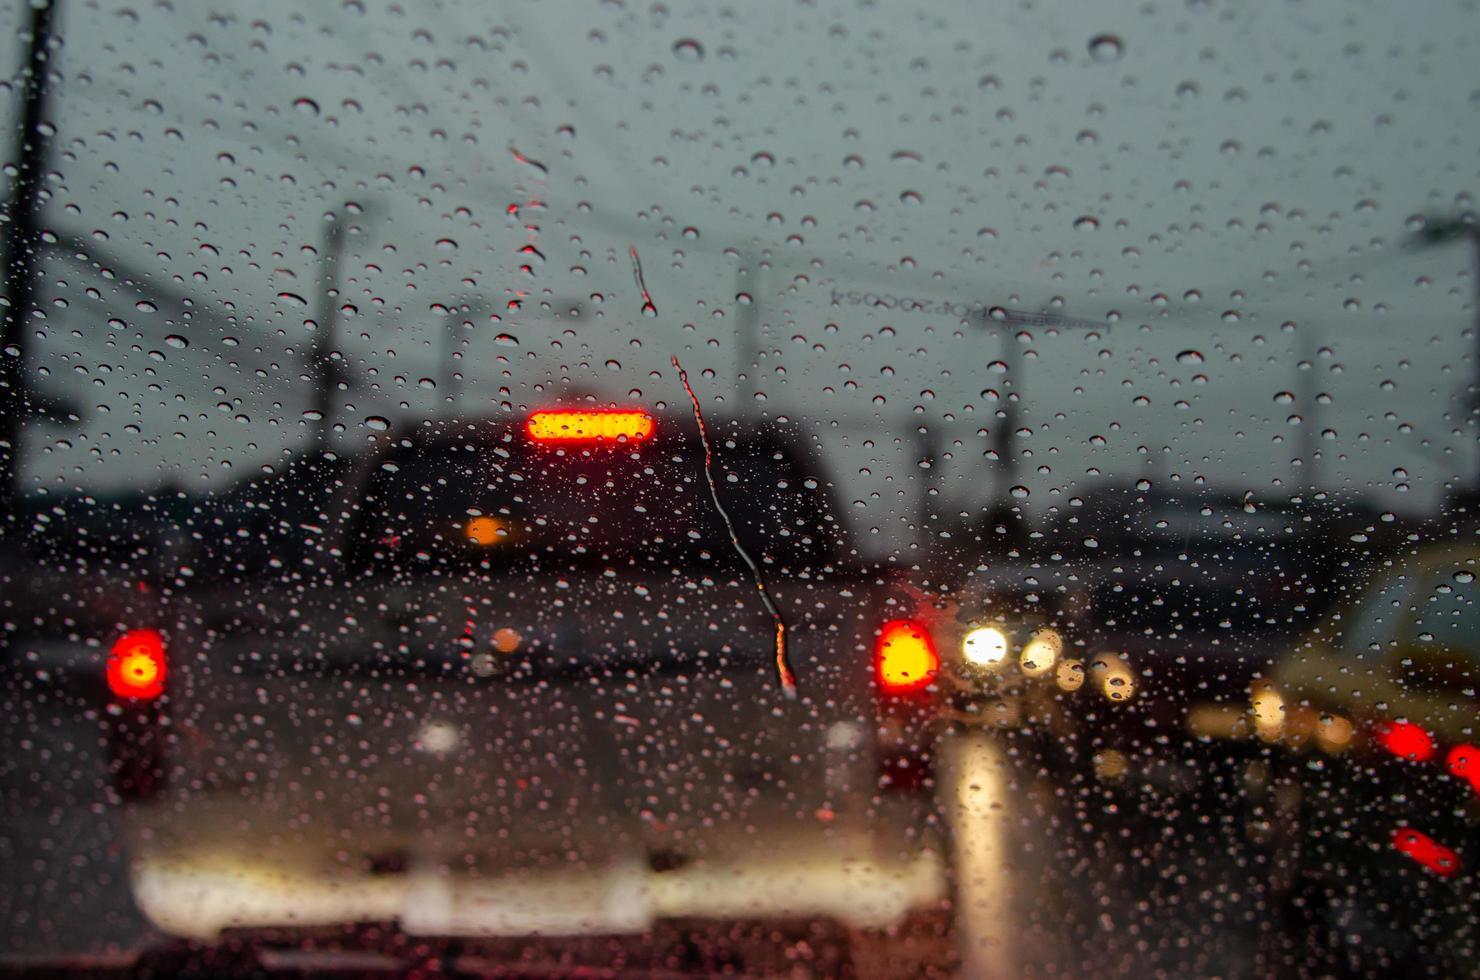 regn på bilrutan på kvällen foto